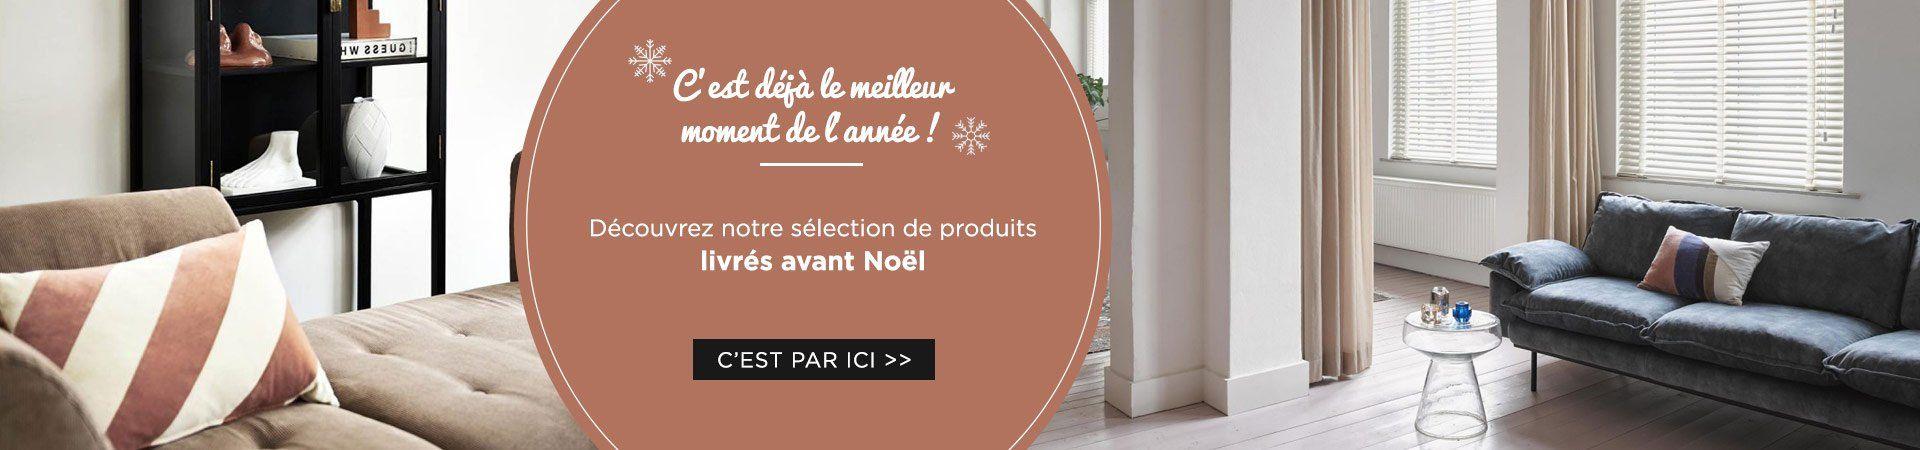 Faites vous plaisir avec notre sélection de produits livrés avant Noel